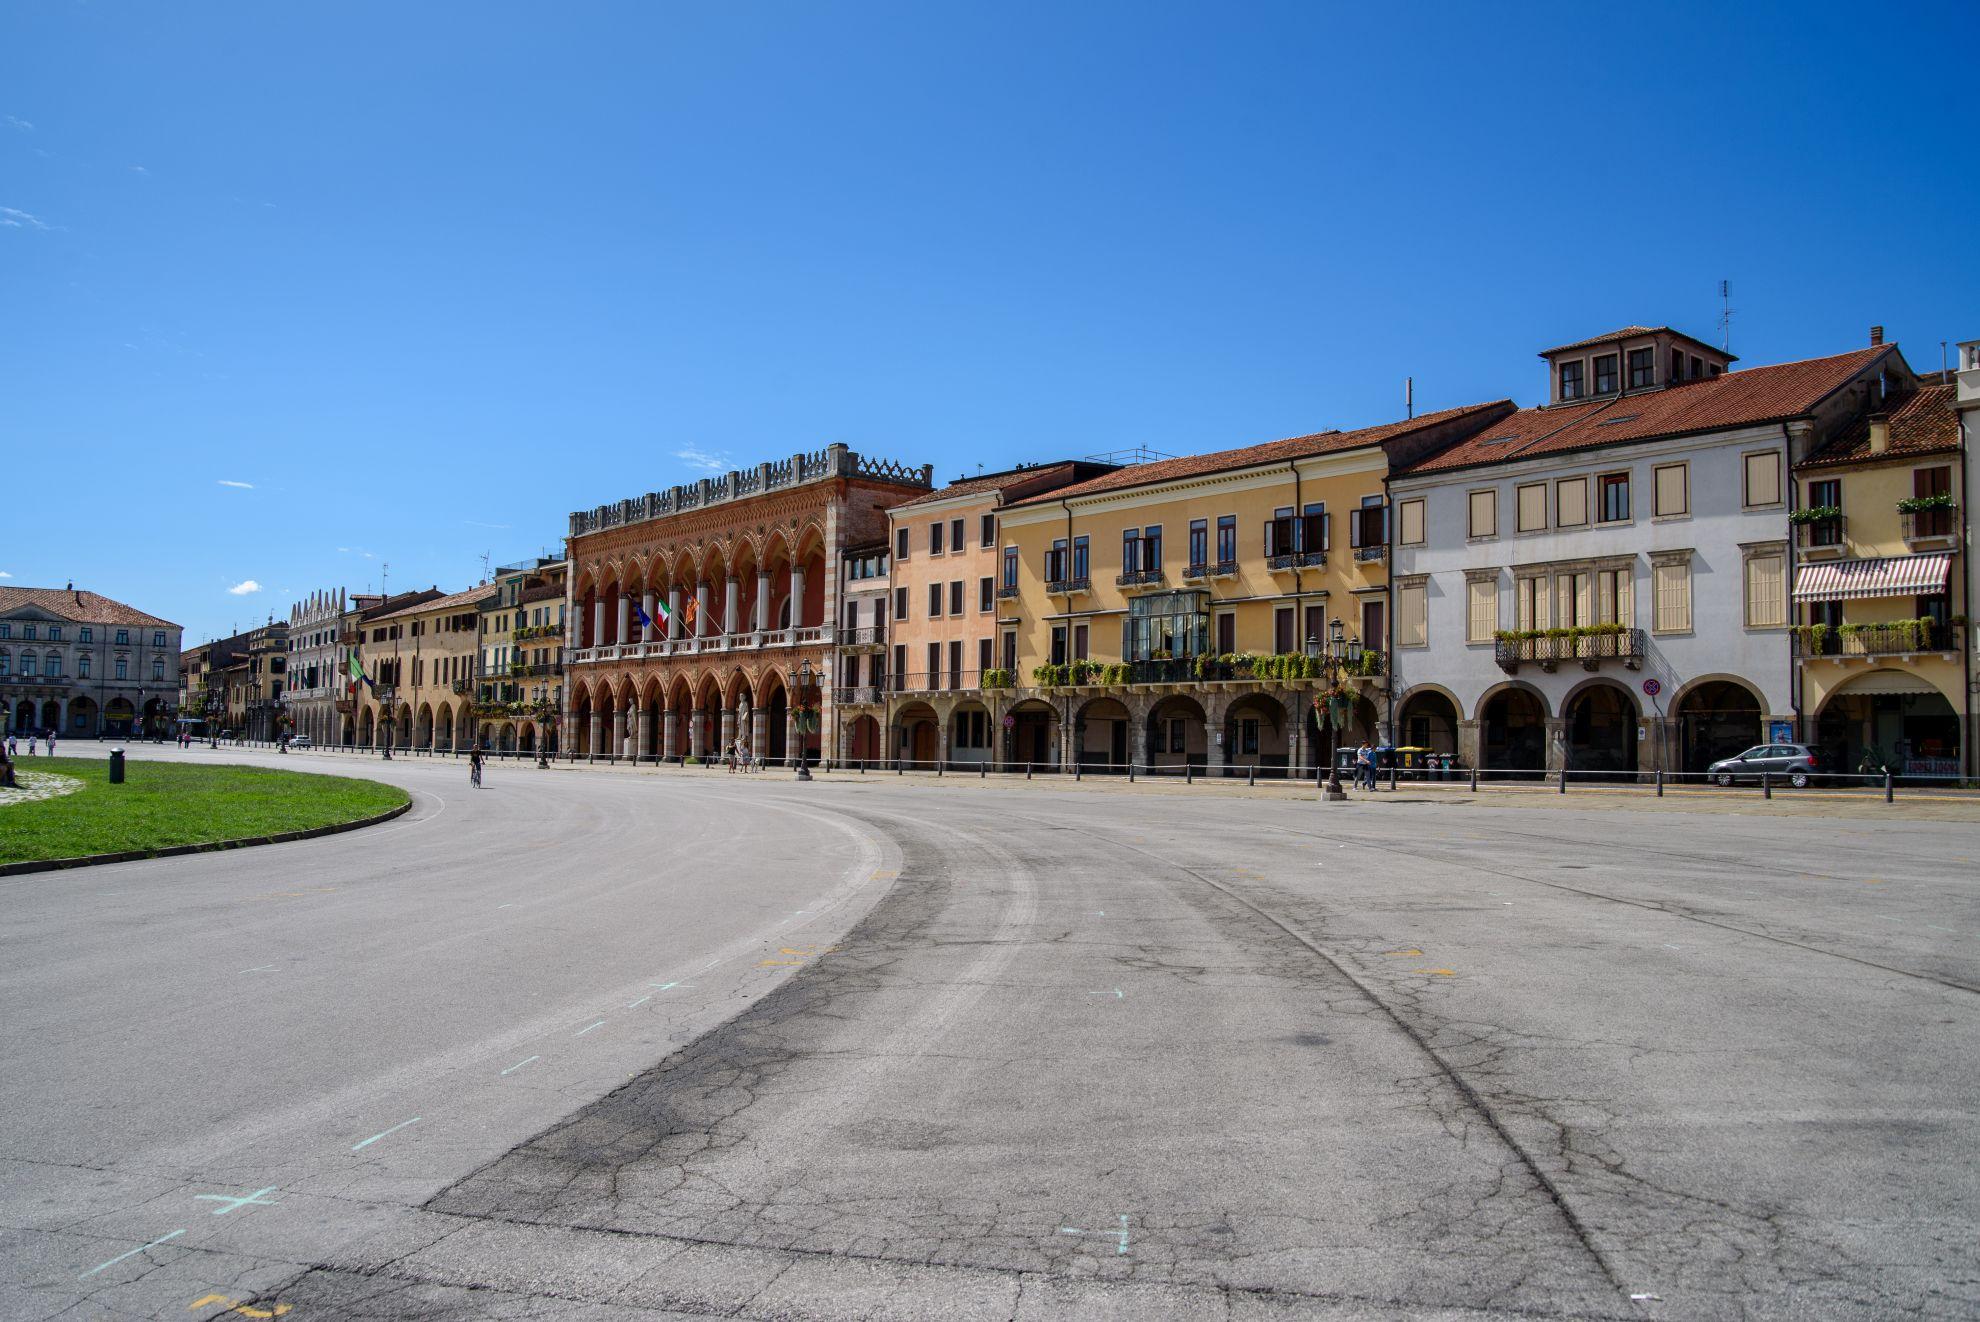 Piazza Prato Della Valle